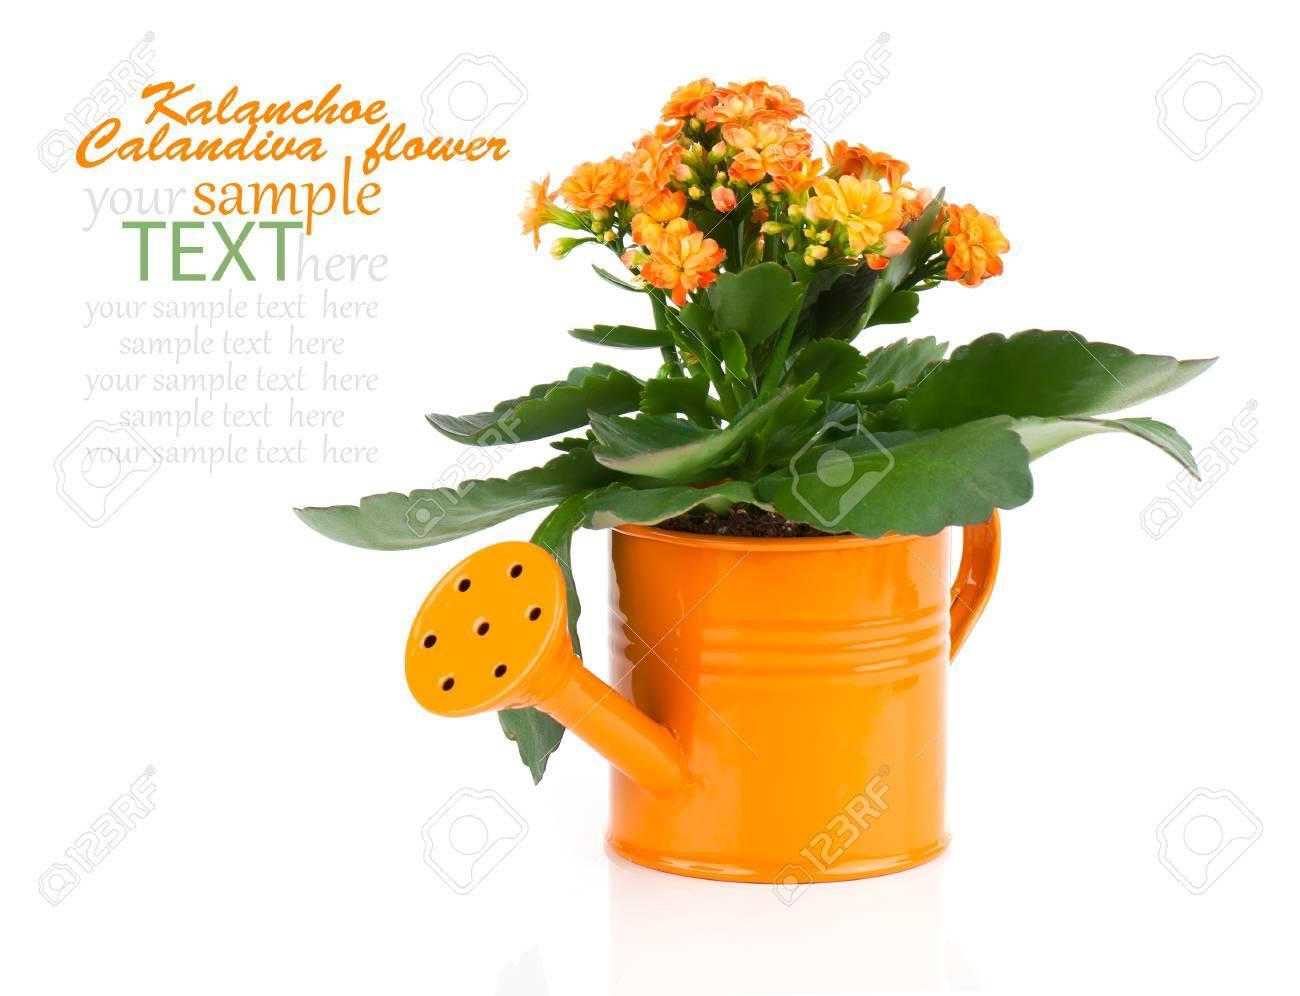 Fleur Kalanchoe Dans Un Pot A Eau D Orange Isole Sur Blanc Banque D